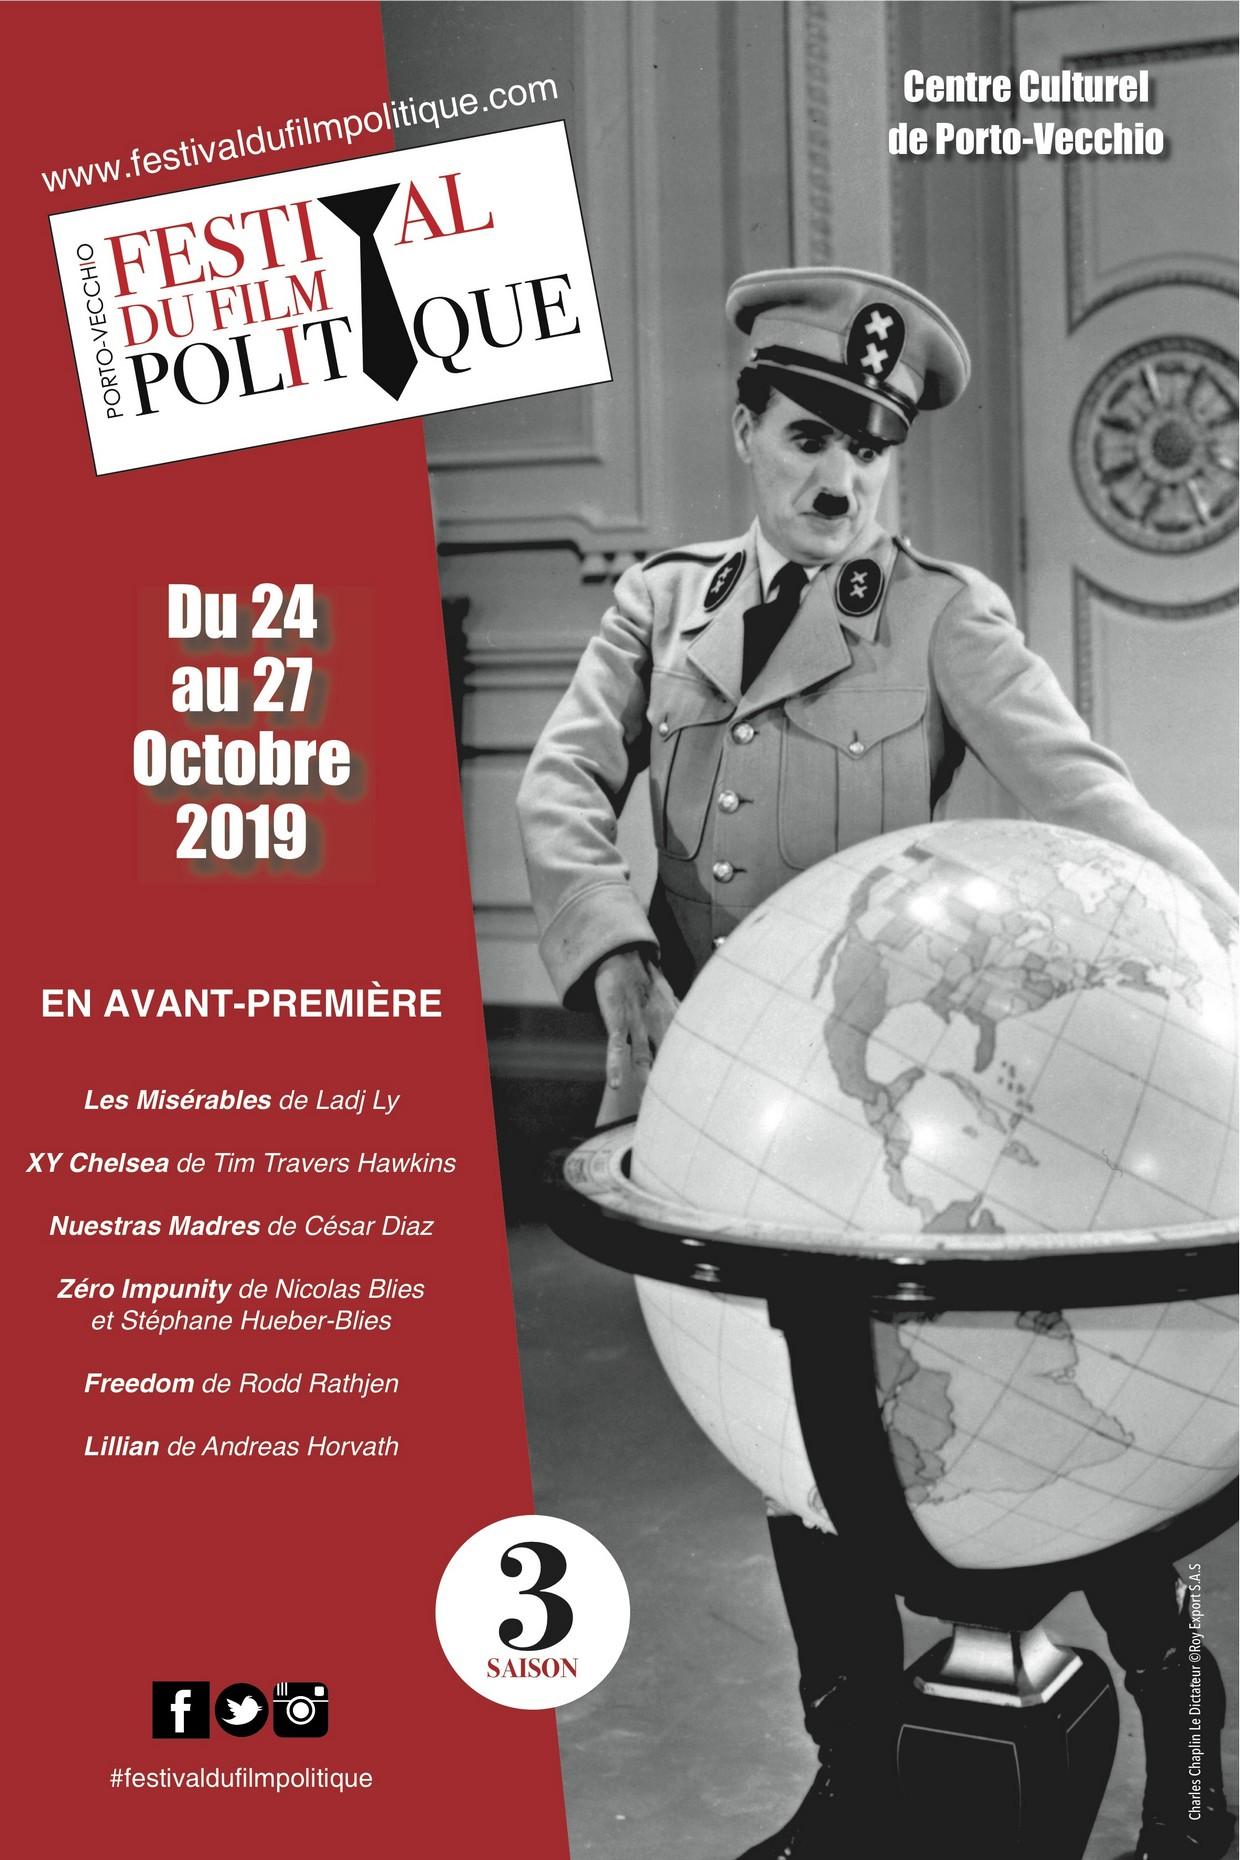 Le Festival du Film Politique de Porto-Vecchio revient pour sa 3ème édition   du 24 au 27 octobre 2019